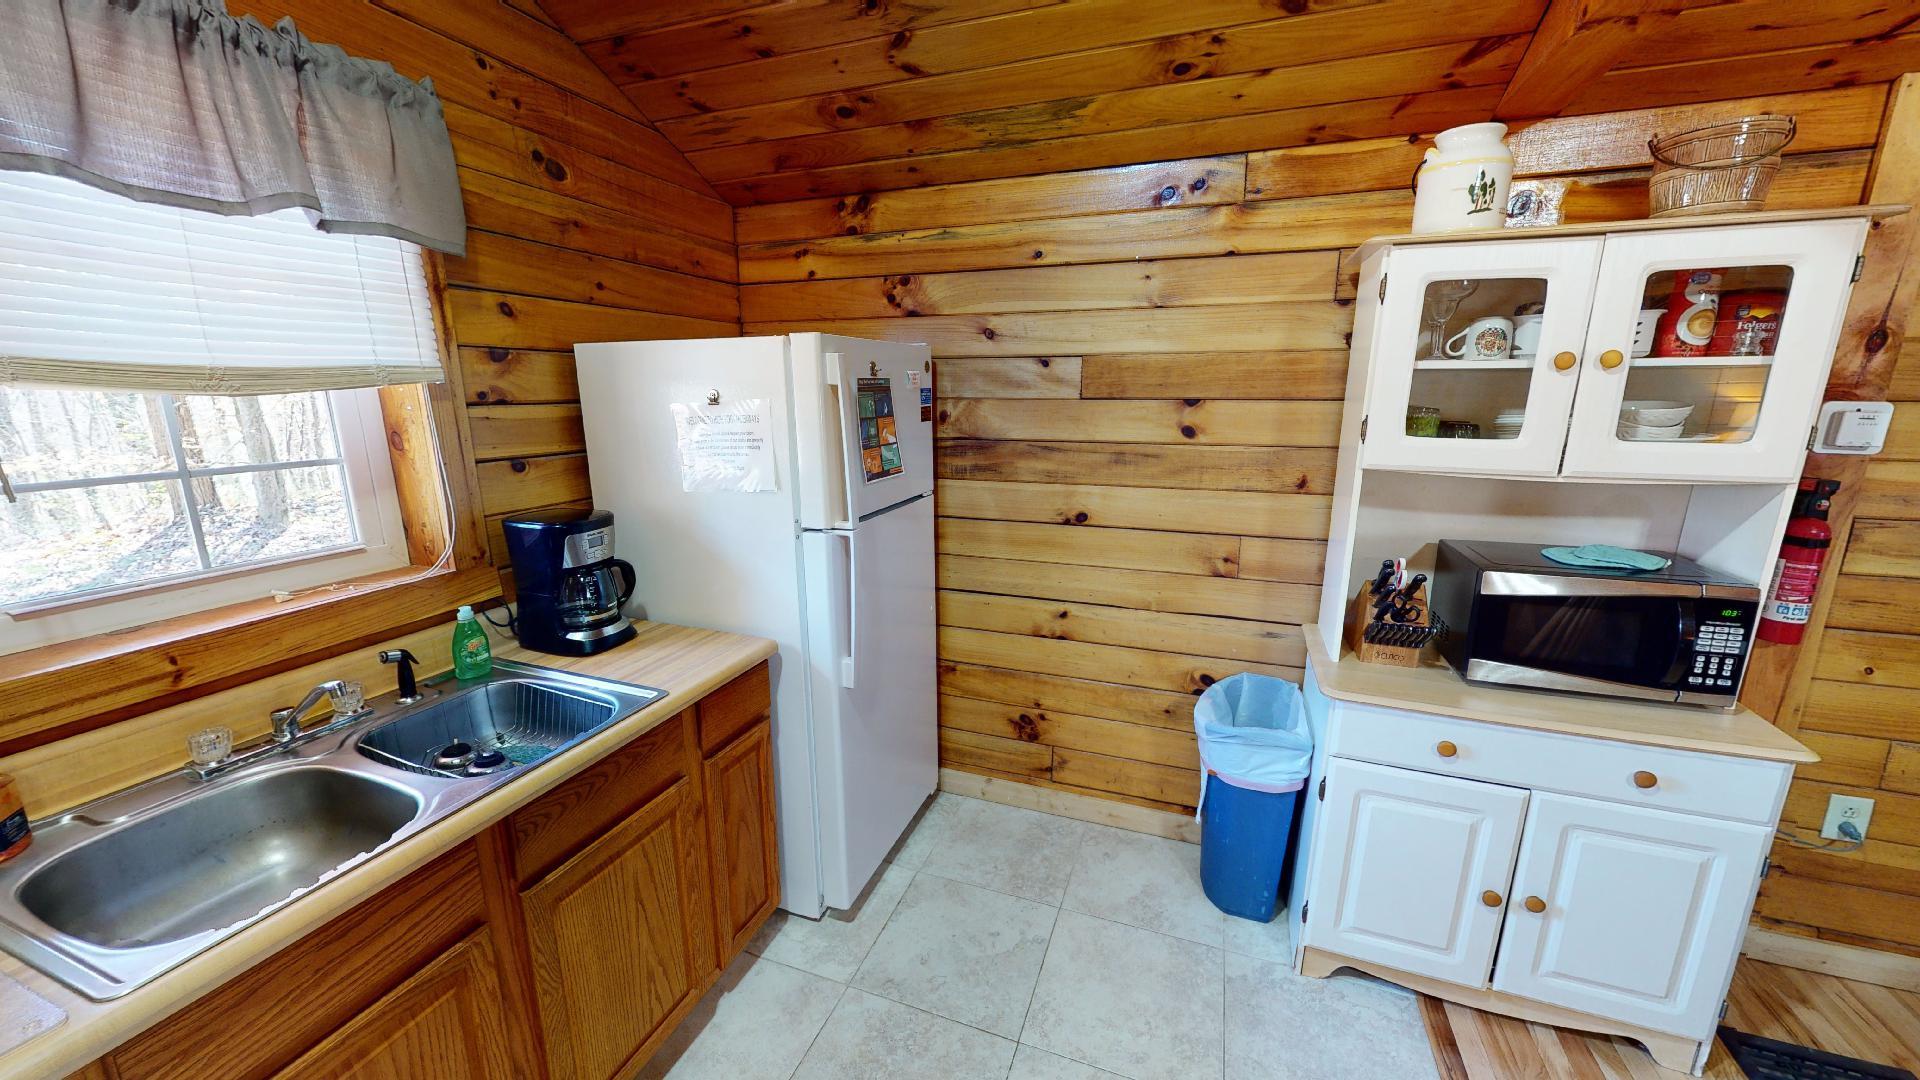 The Overlook - Alternate kitchen view.